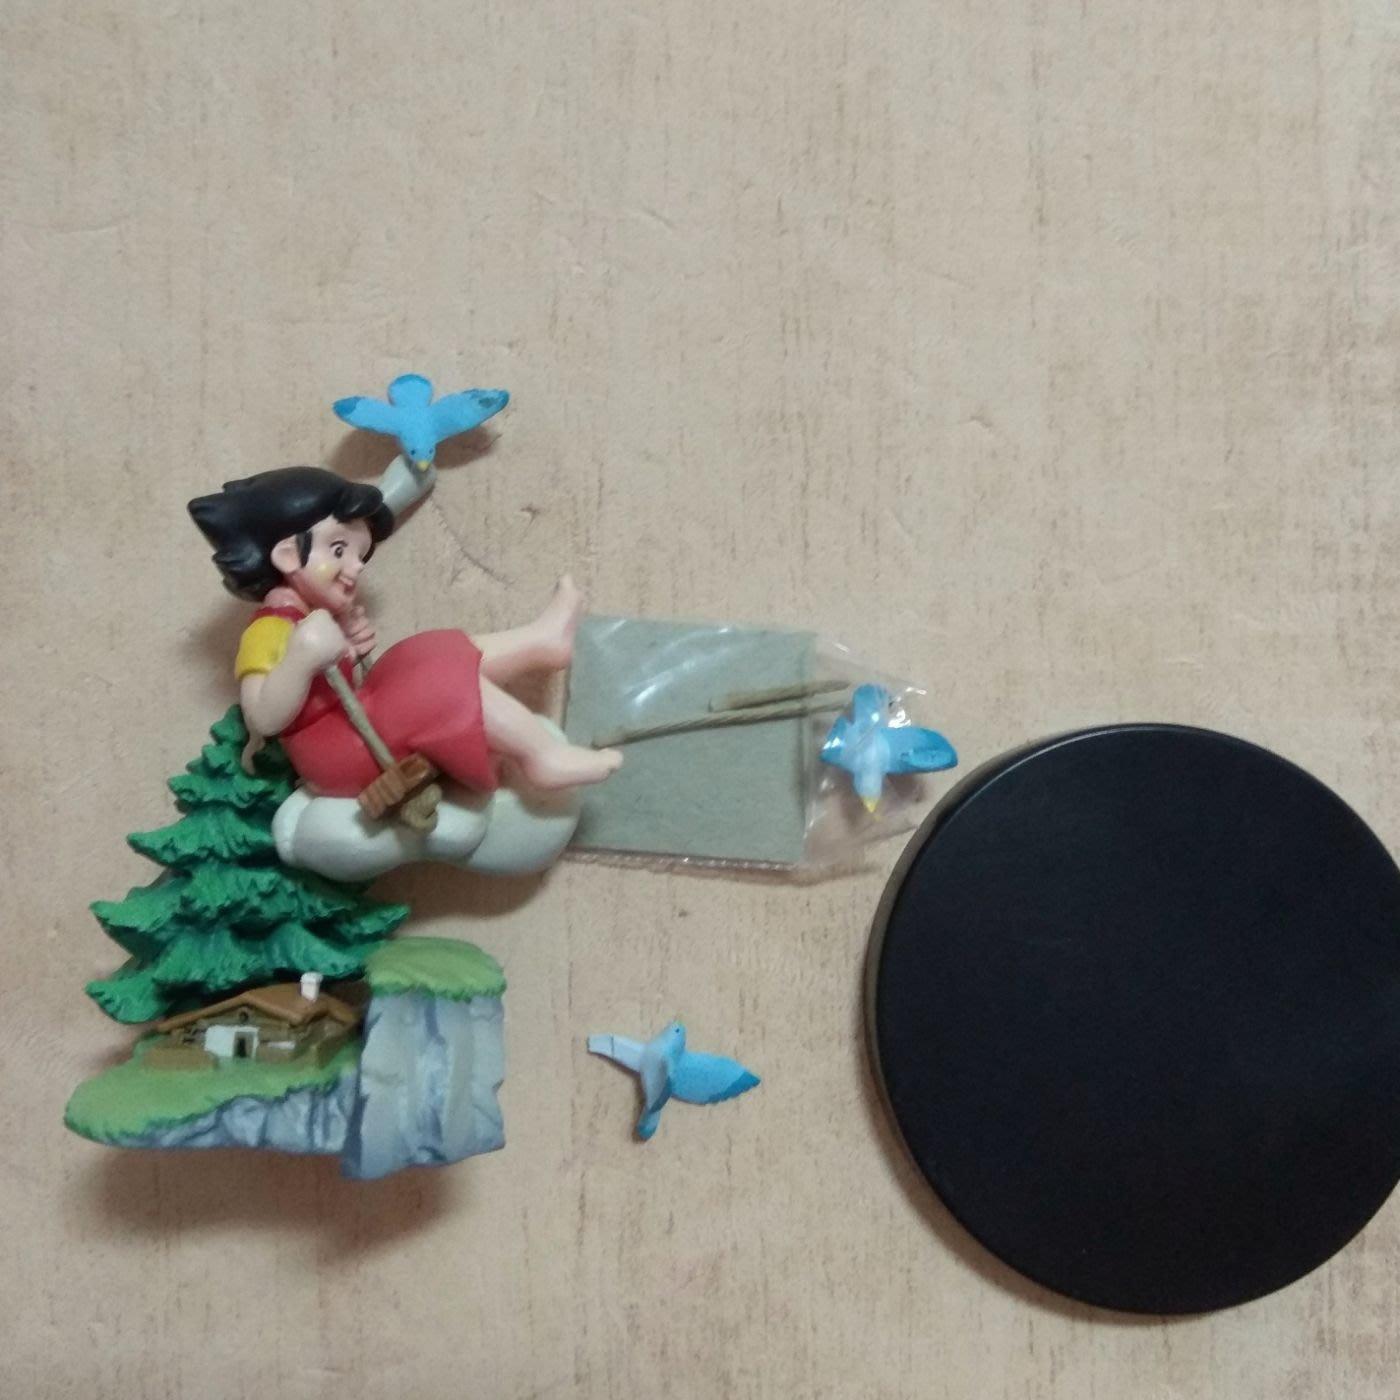 阿爾卑斯山的少女 小天使 模型 公仔 扭蛋 玩具